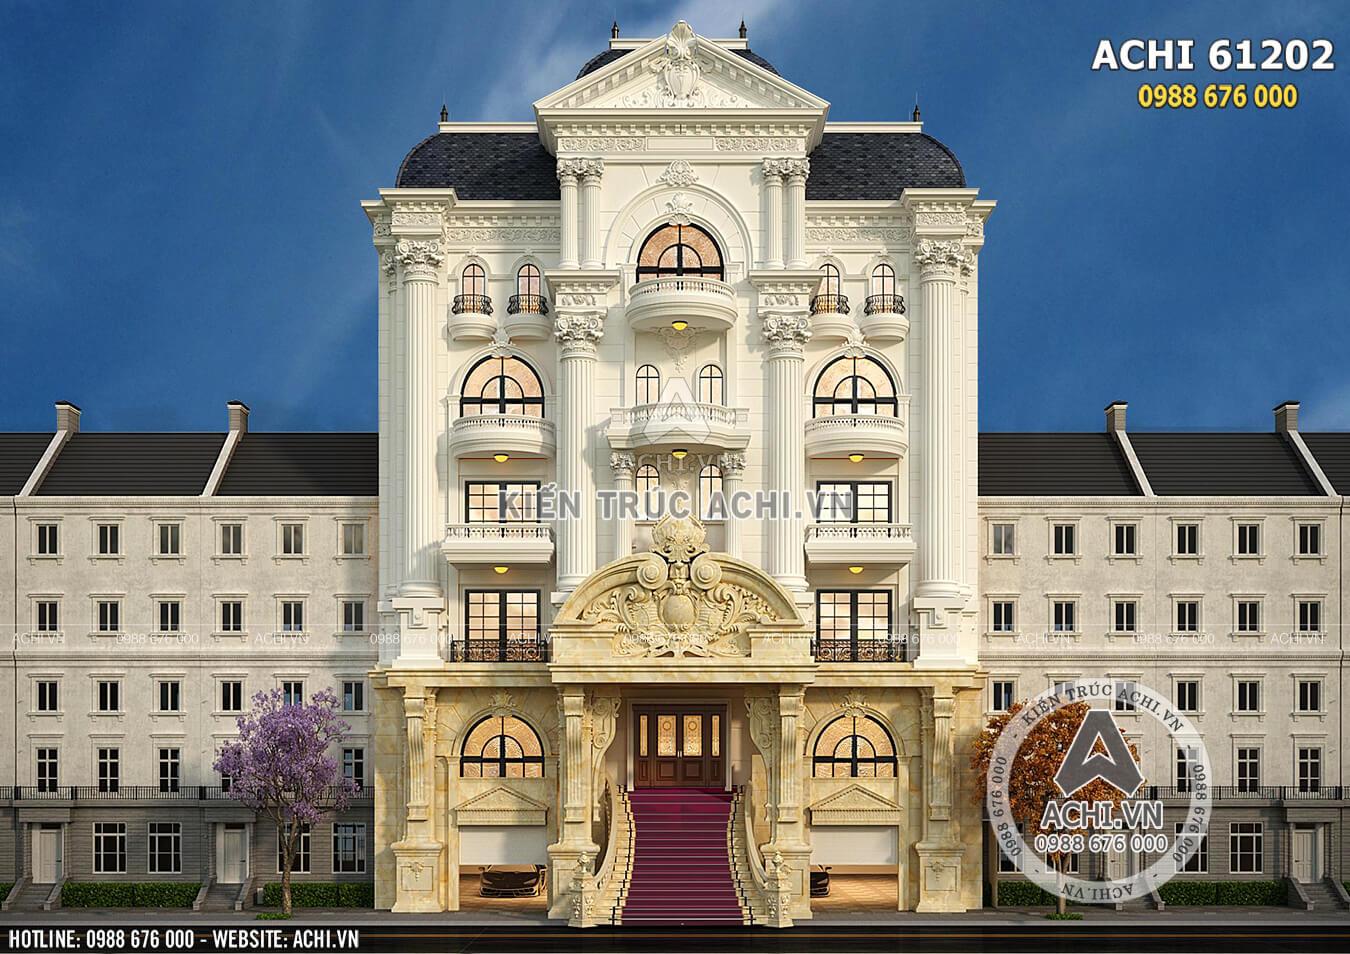 Không gian mặt tiền mẫu thiết kế nhà ở kết hợp kinh doanh mặt tiền 15m tân cổ điển - Mã số: ACHI 61202